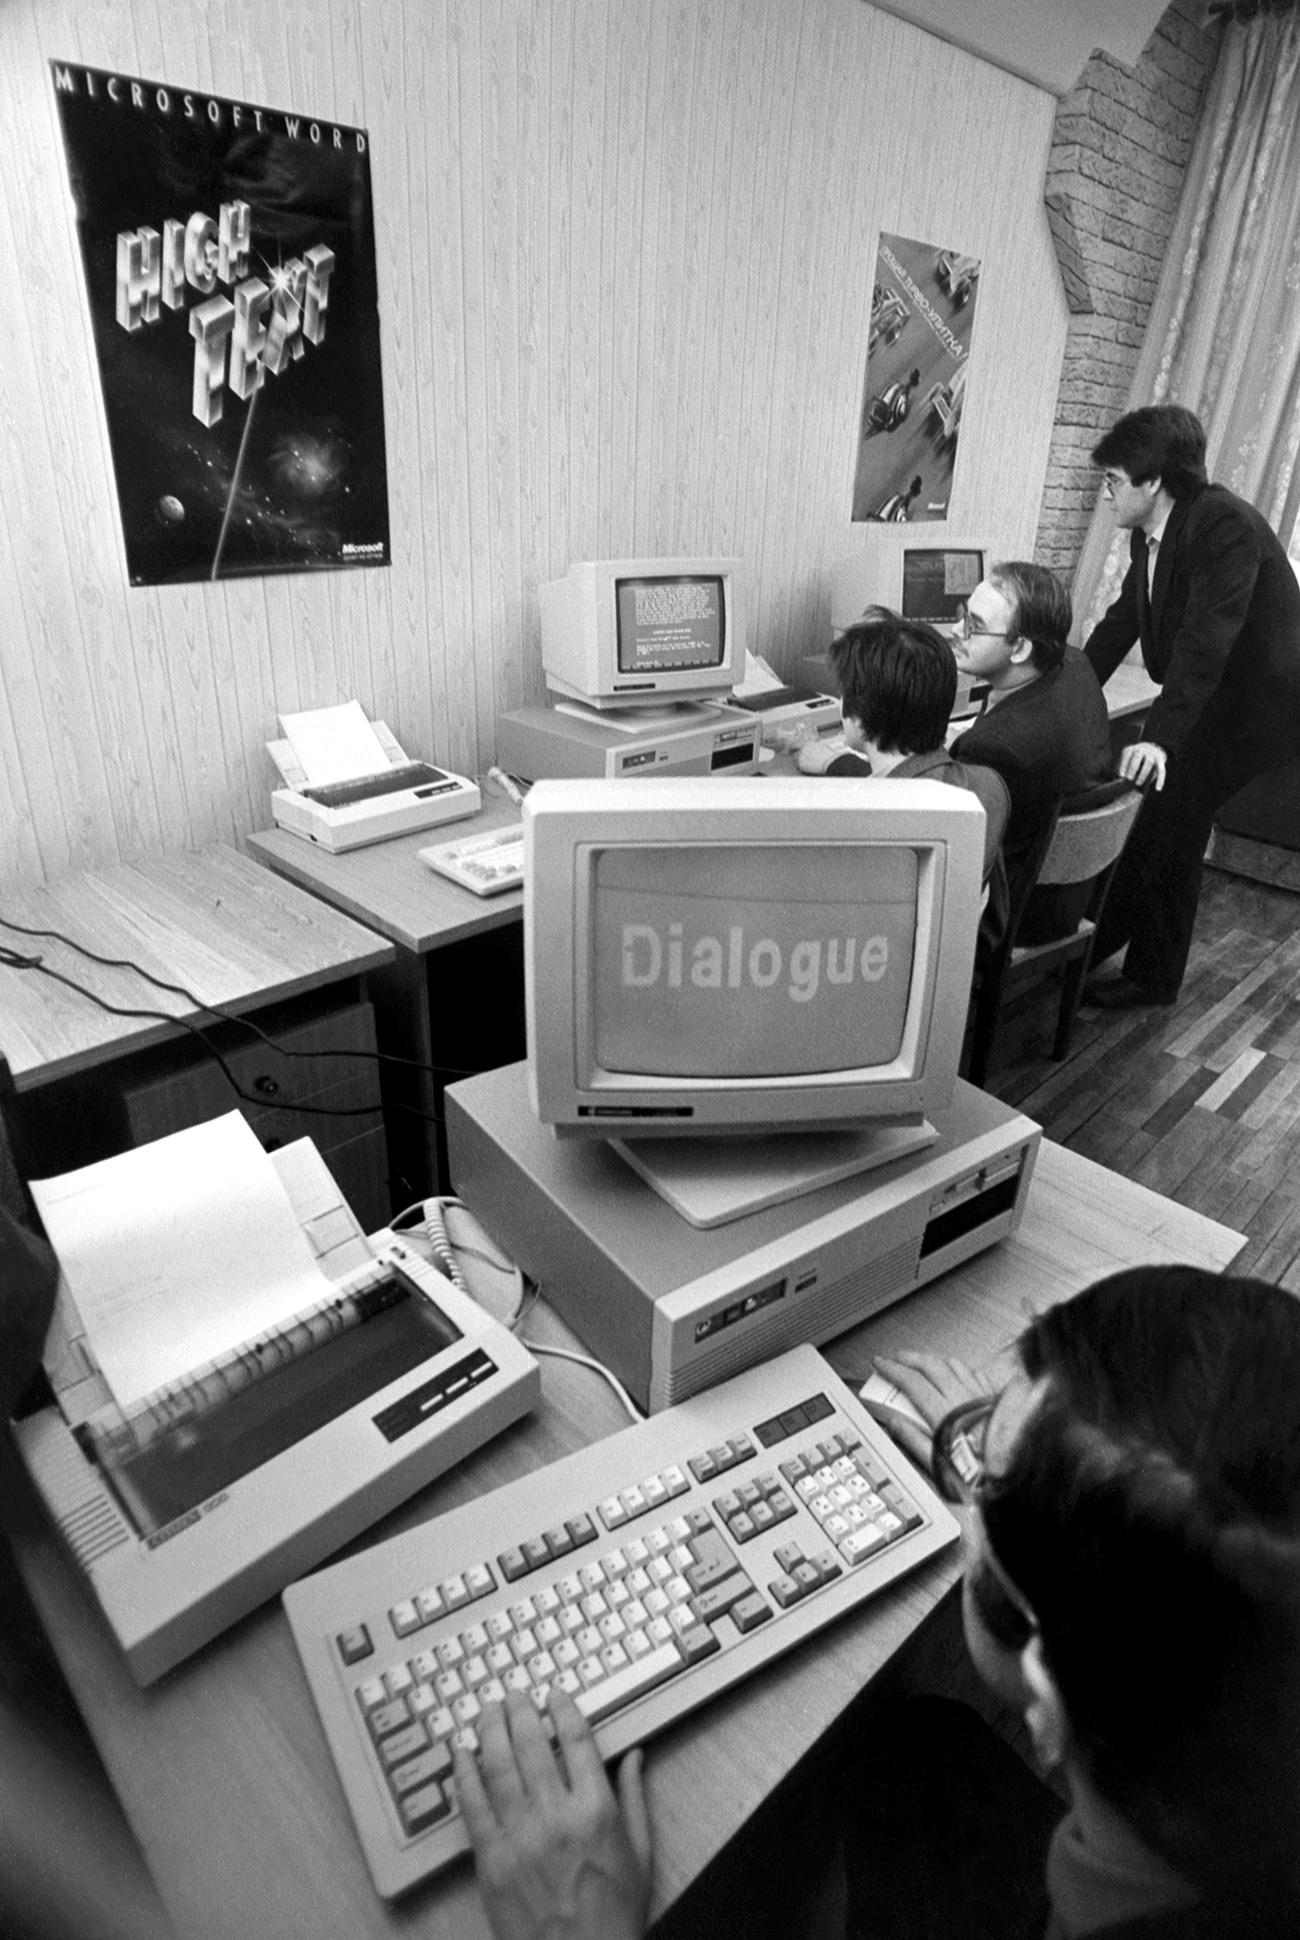 Osebni računalniki, izdelani v ZDA, v sobi Ekonomskega računovodskega centra sovjetsko-ameriškega podjetja za proizvodnjo računalnikov, ki so ga ustanovili v mestu Gorki. Vir: Nikolaj Moškov/TASS